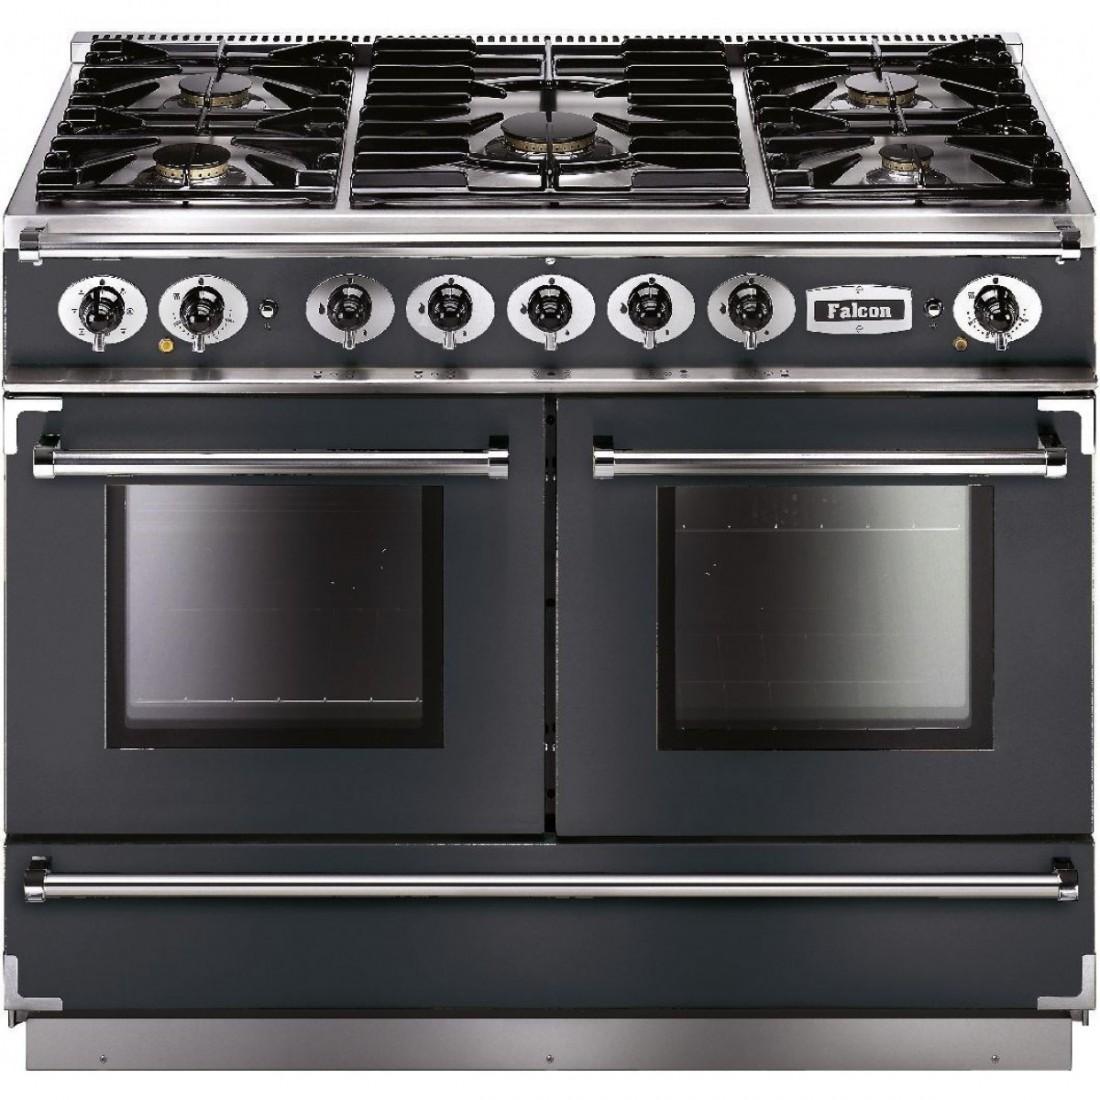 piano de cuisson falcon 1092 continental gaz 110 cm - cuisinières